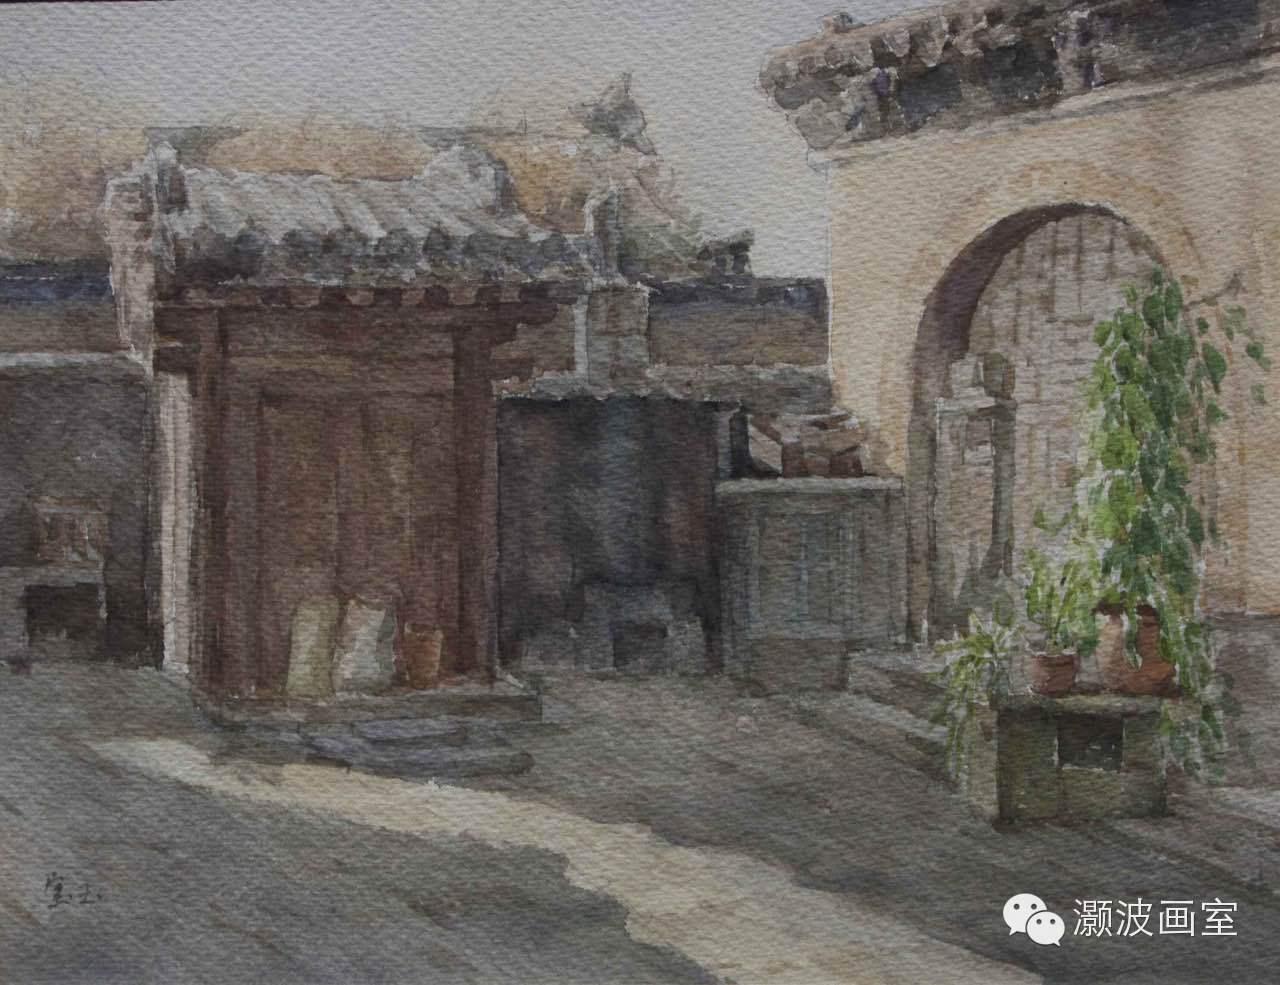 著名蒙古族青年水彩画家宝玉作品欣赏 第1张 著名蒙古族青年水彩画家宝玉作品欣赏 蒙古画廊